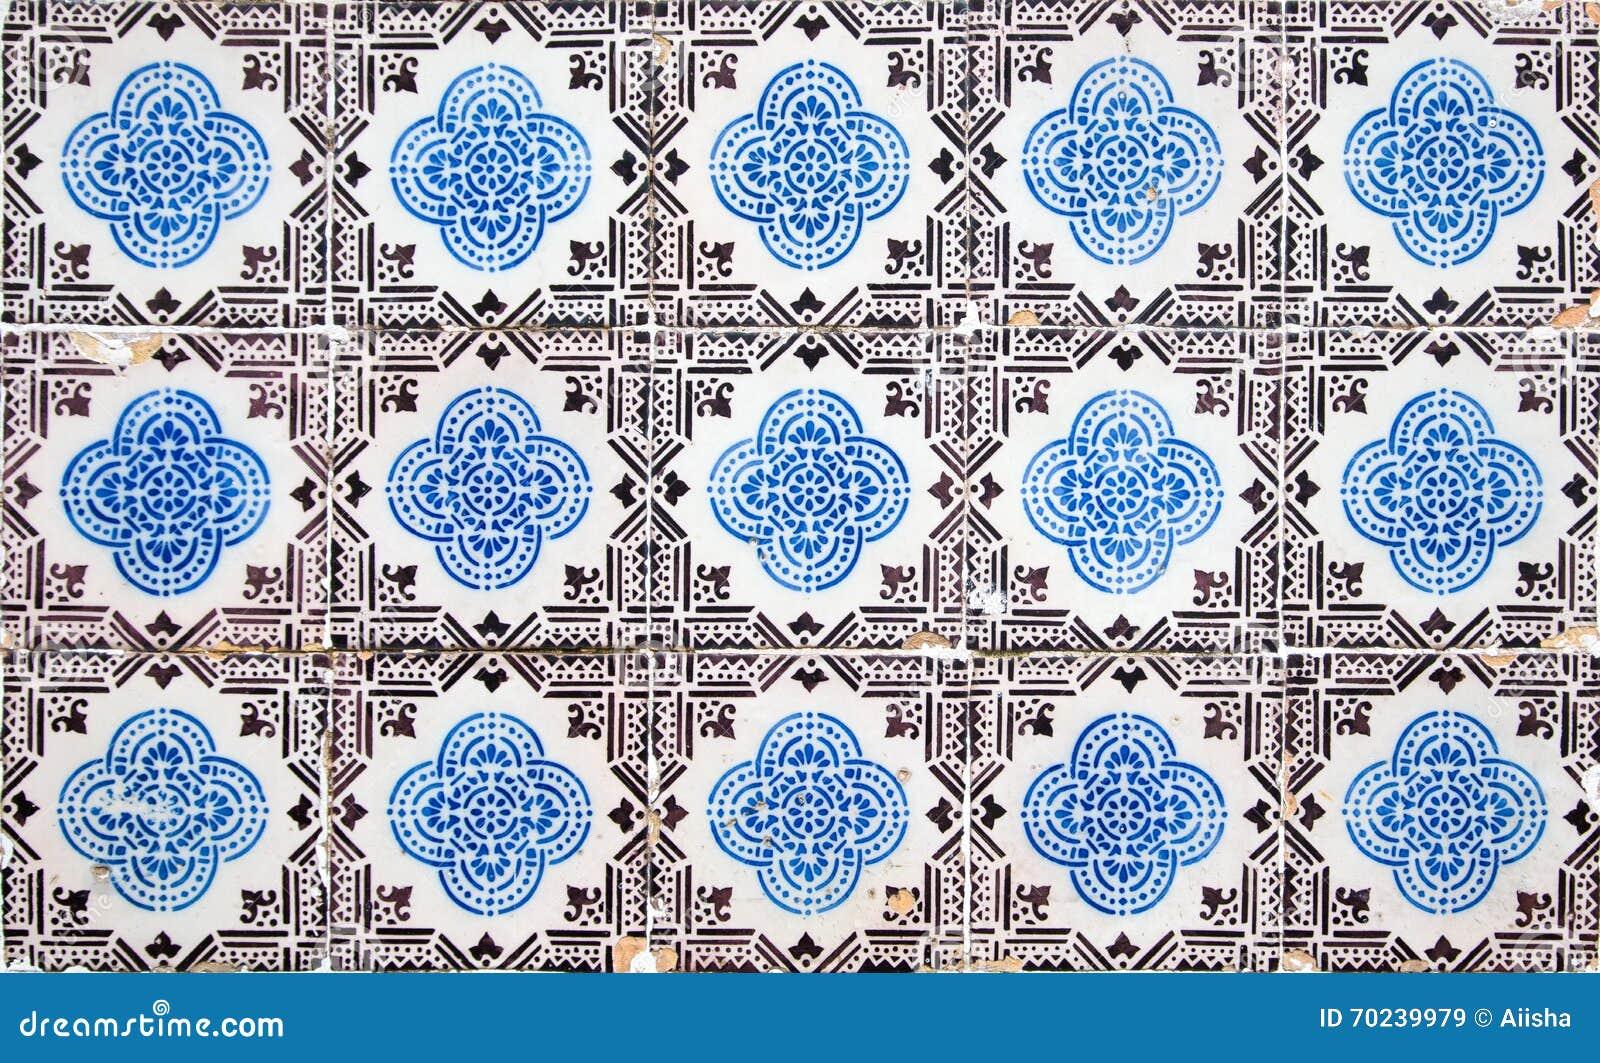 Azulejos decorativos portugueses das telhas foto de stock for Azulejos decorativos